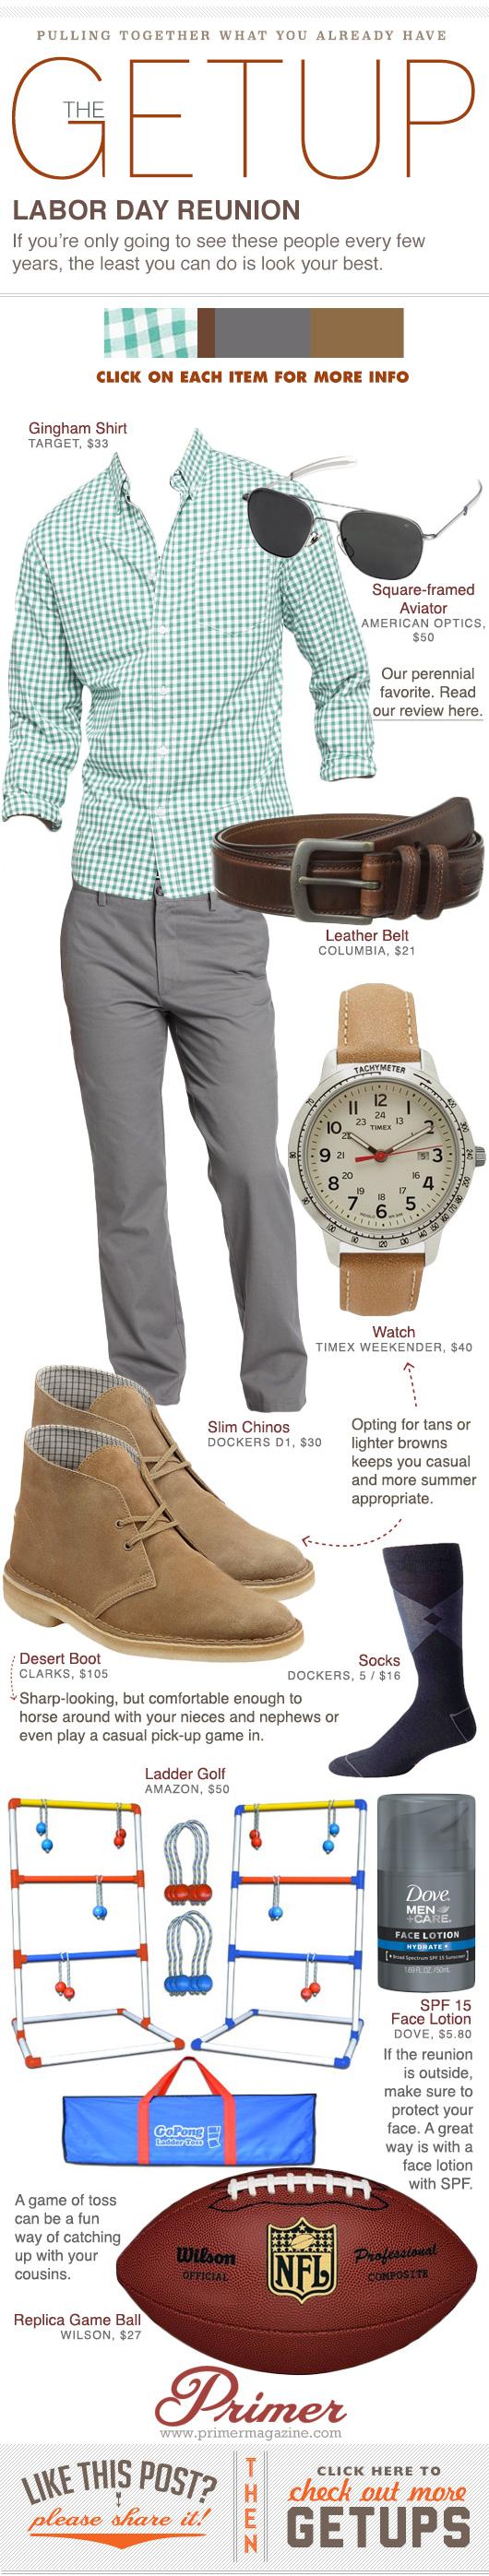 Getup Labor Day Reunion - Green shirt, Gray pants, Desert boots